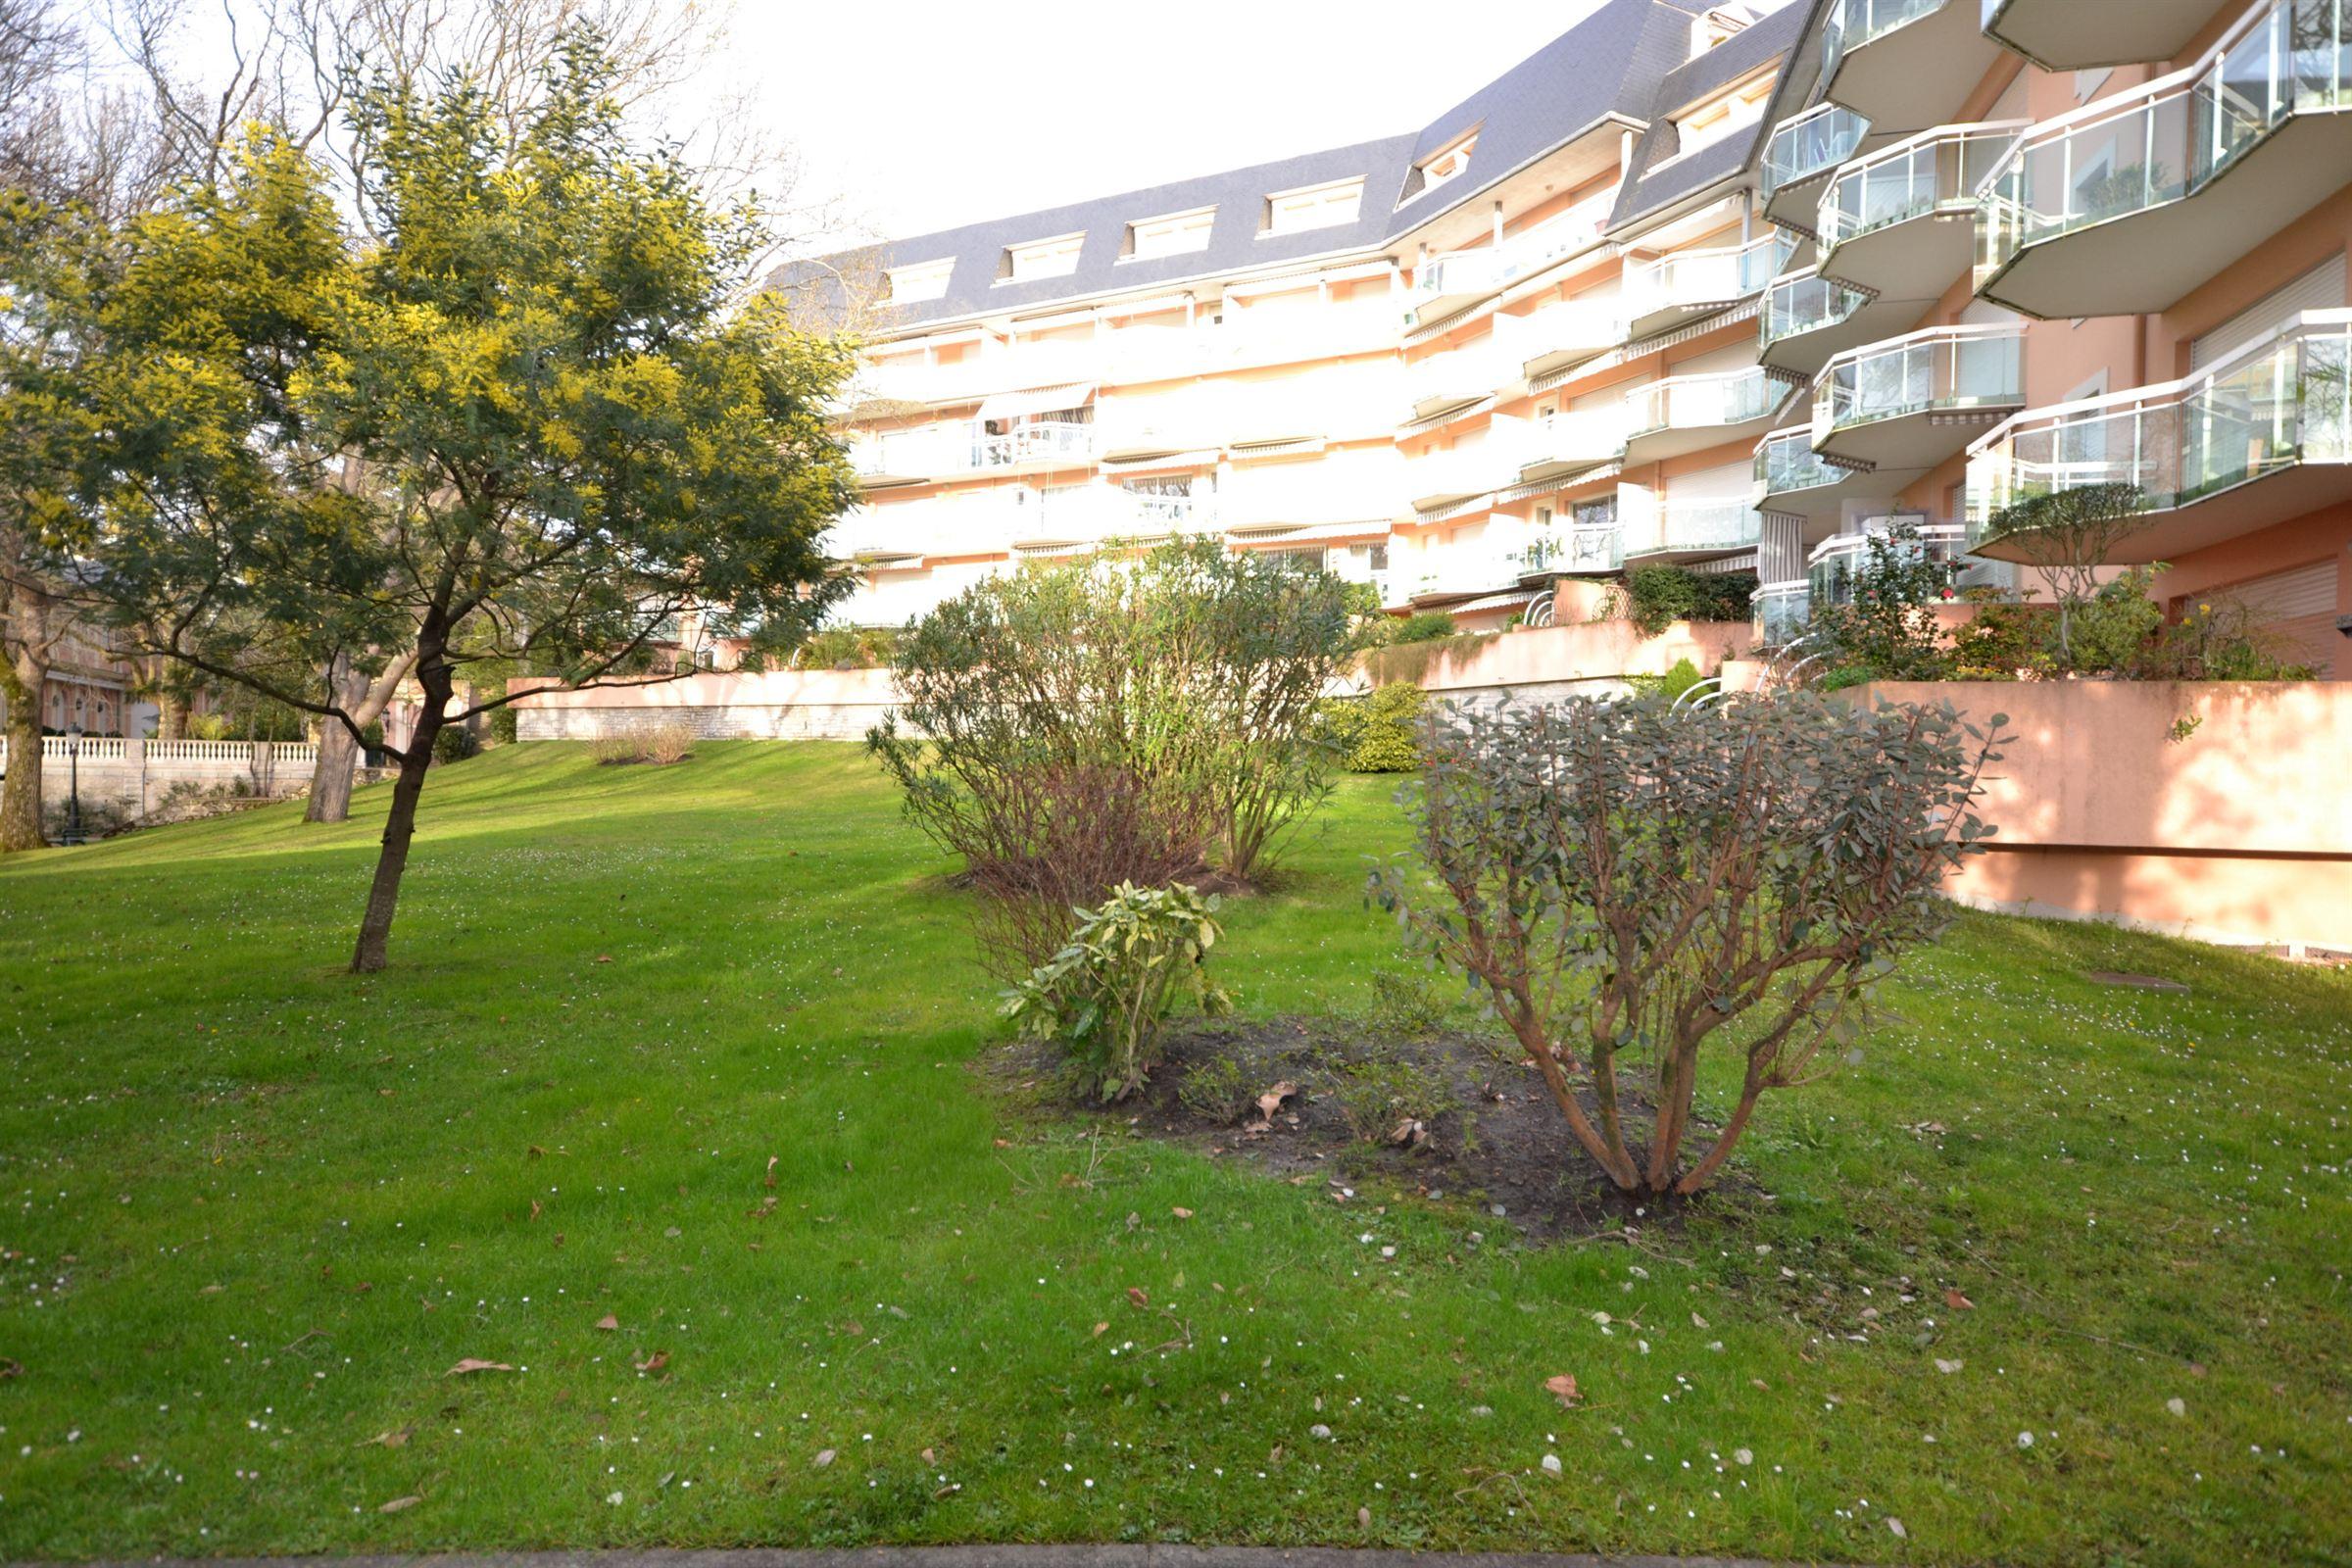 Wohnung für Verkauf beim BIARRITZ ST CHARLES Biarritz, Aquitanien, 64200 Frankreich